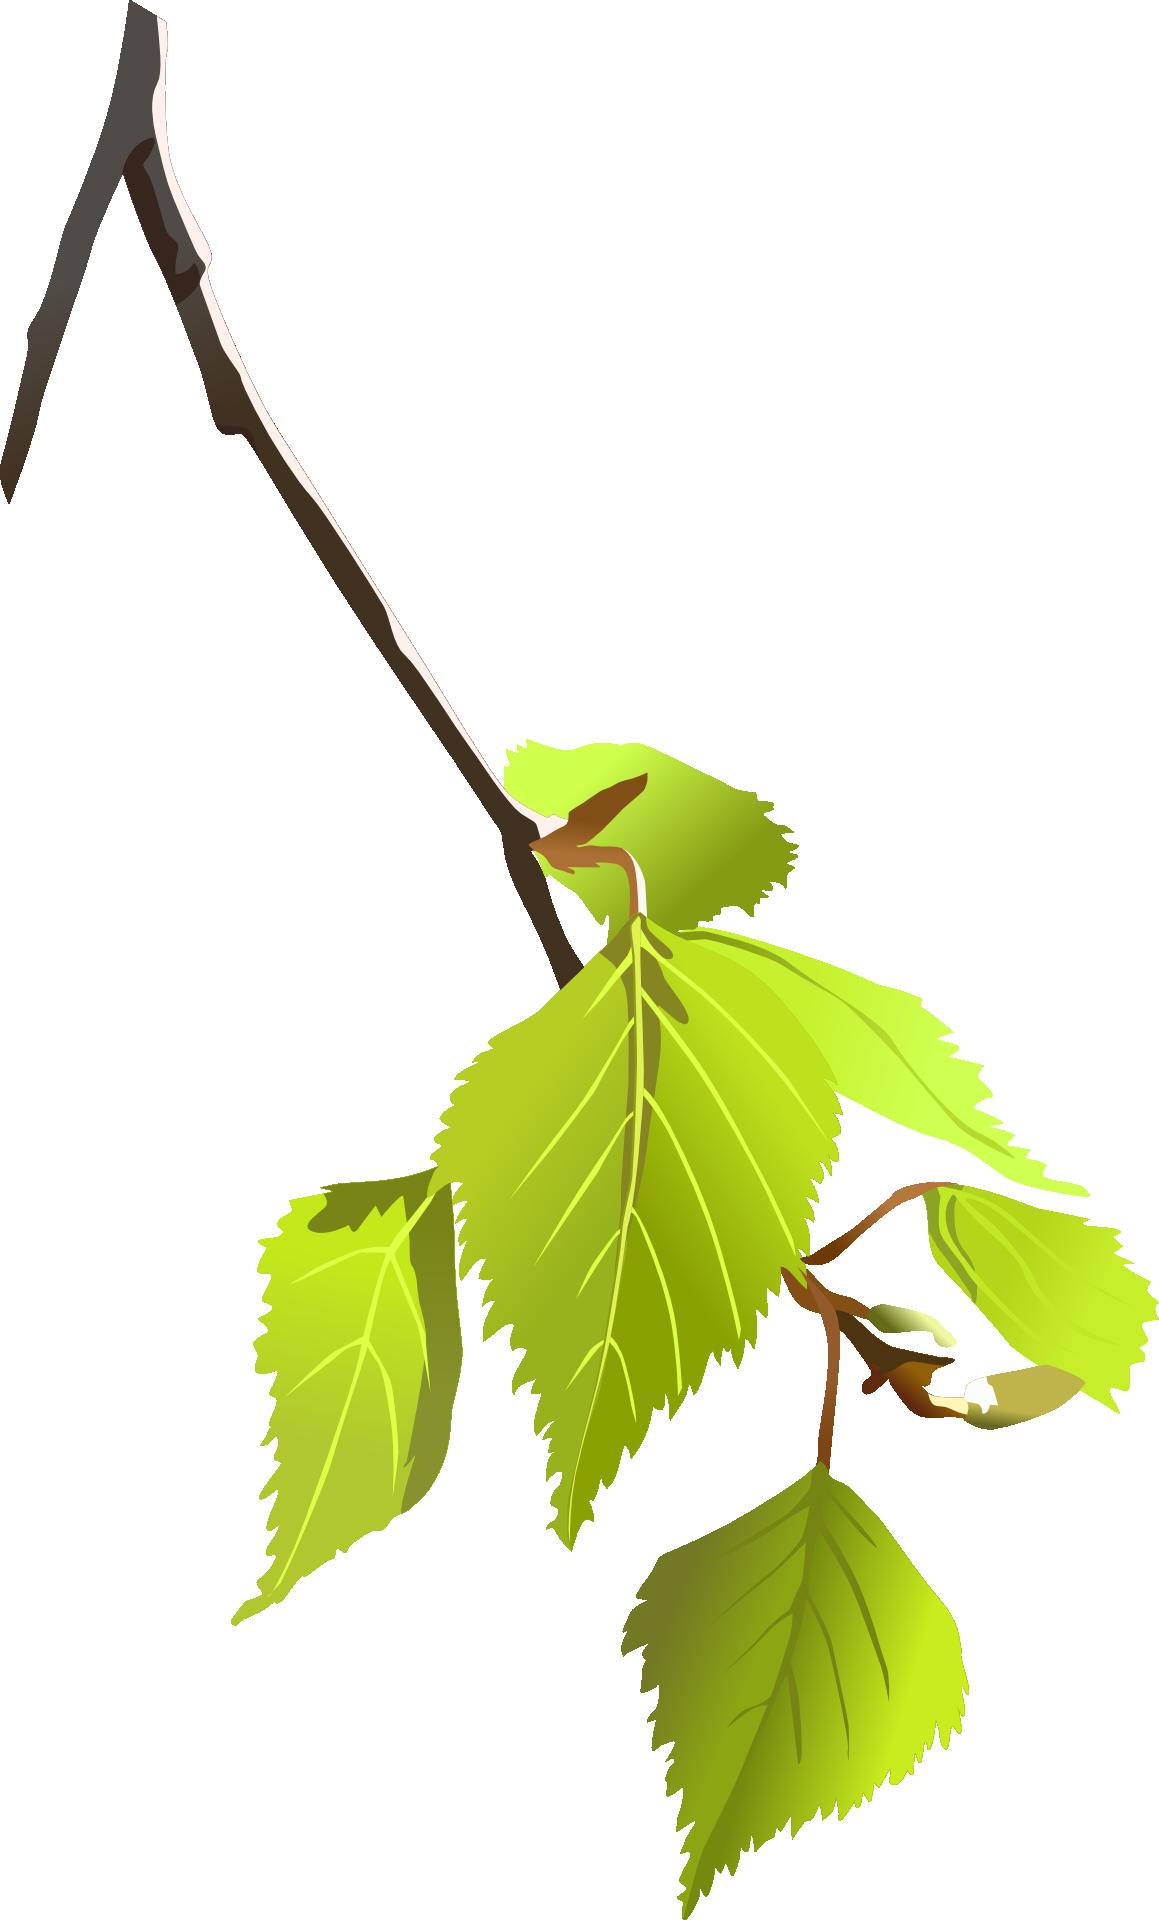 Silver birch betula alleghaniensis. Leaf clipart twig